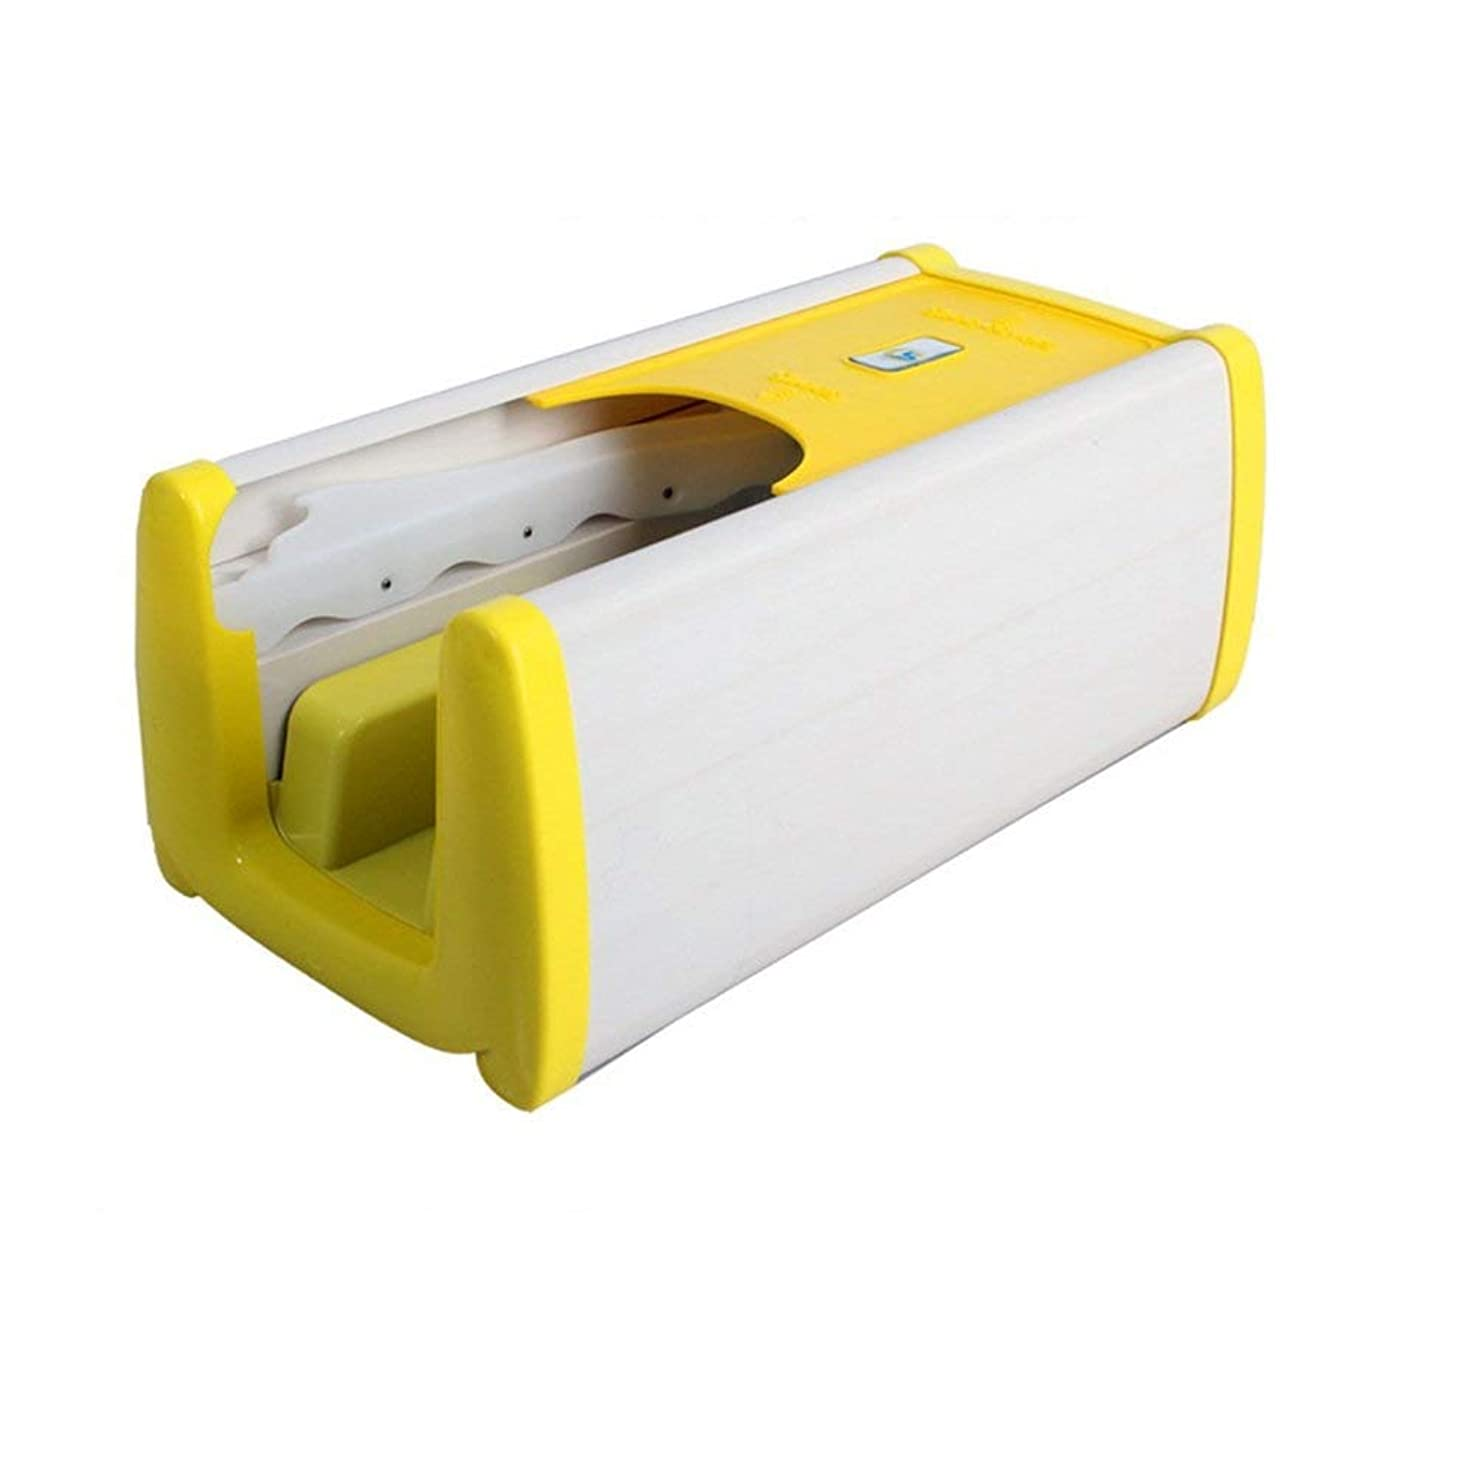 胴体経営者コーデリア家庭用靴カバーマシン連続自動靴カバーマシンドラッグ型オーバーシューズマシンホームオフィス自己使用の小さな環境保護 (Color : Yellow)